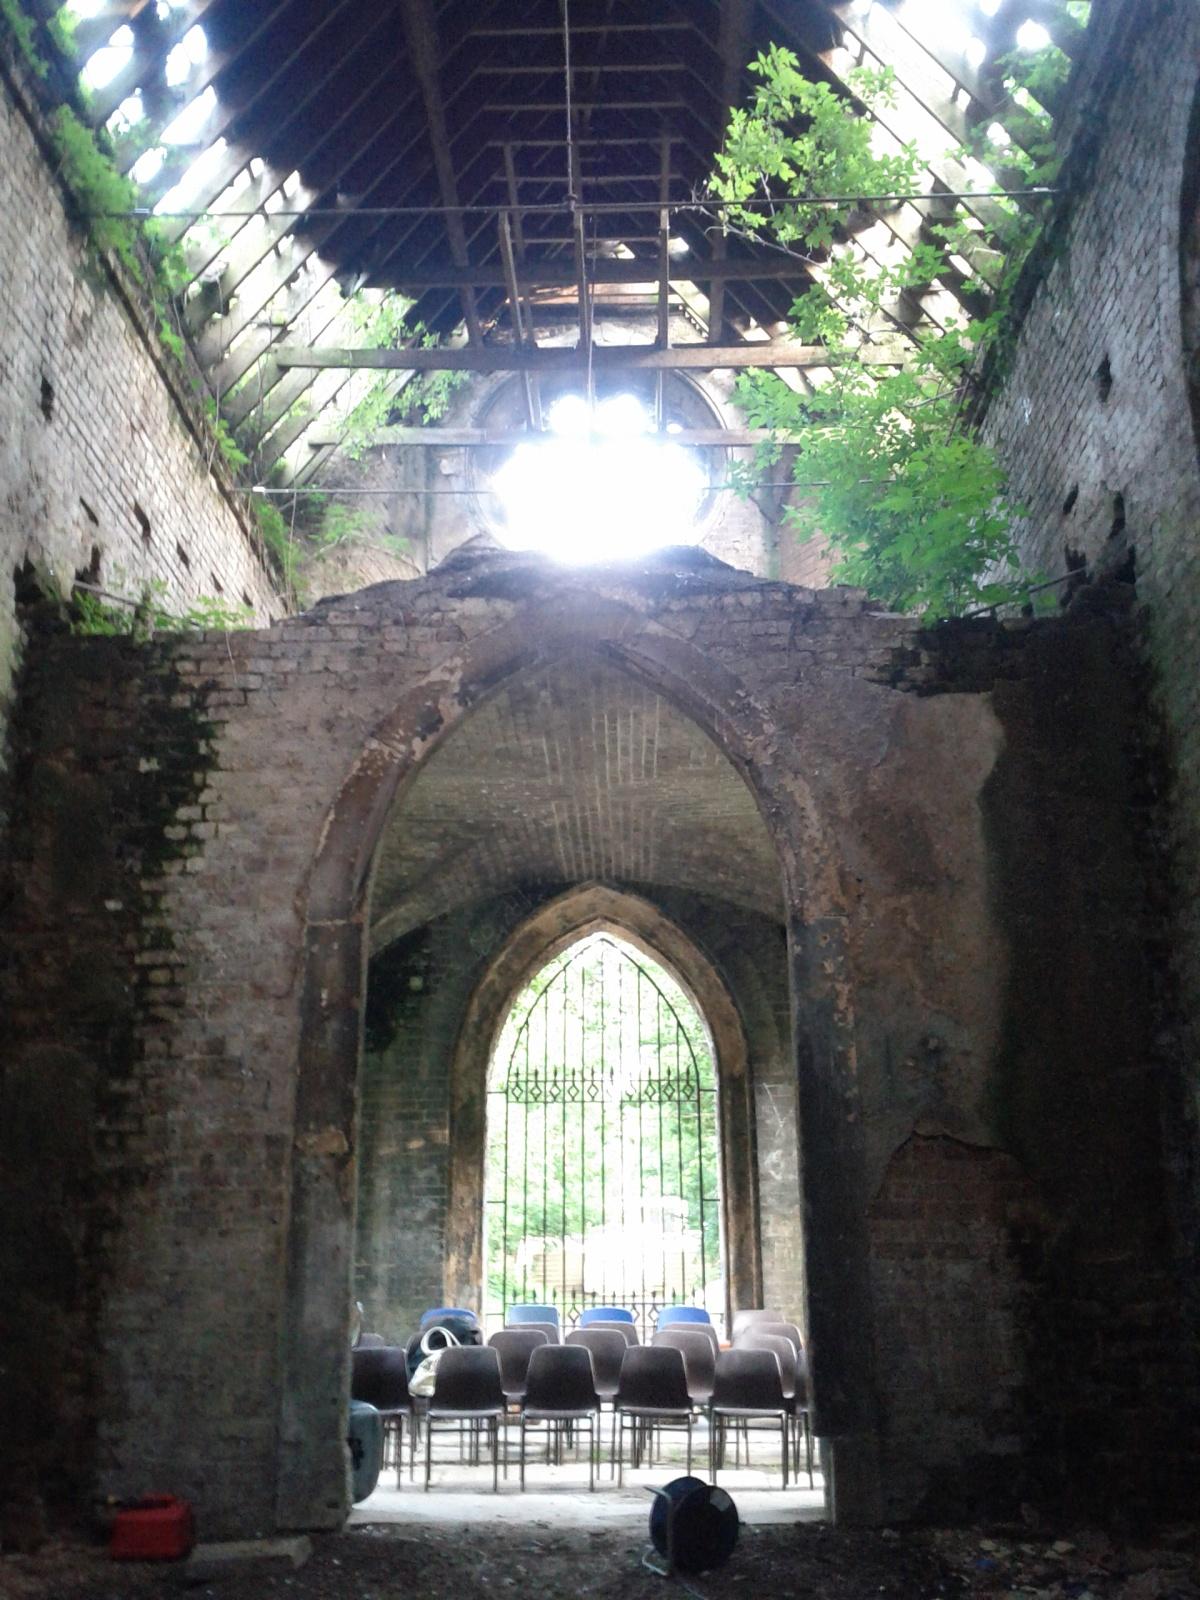 Abney Chapel